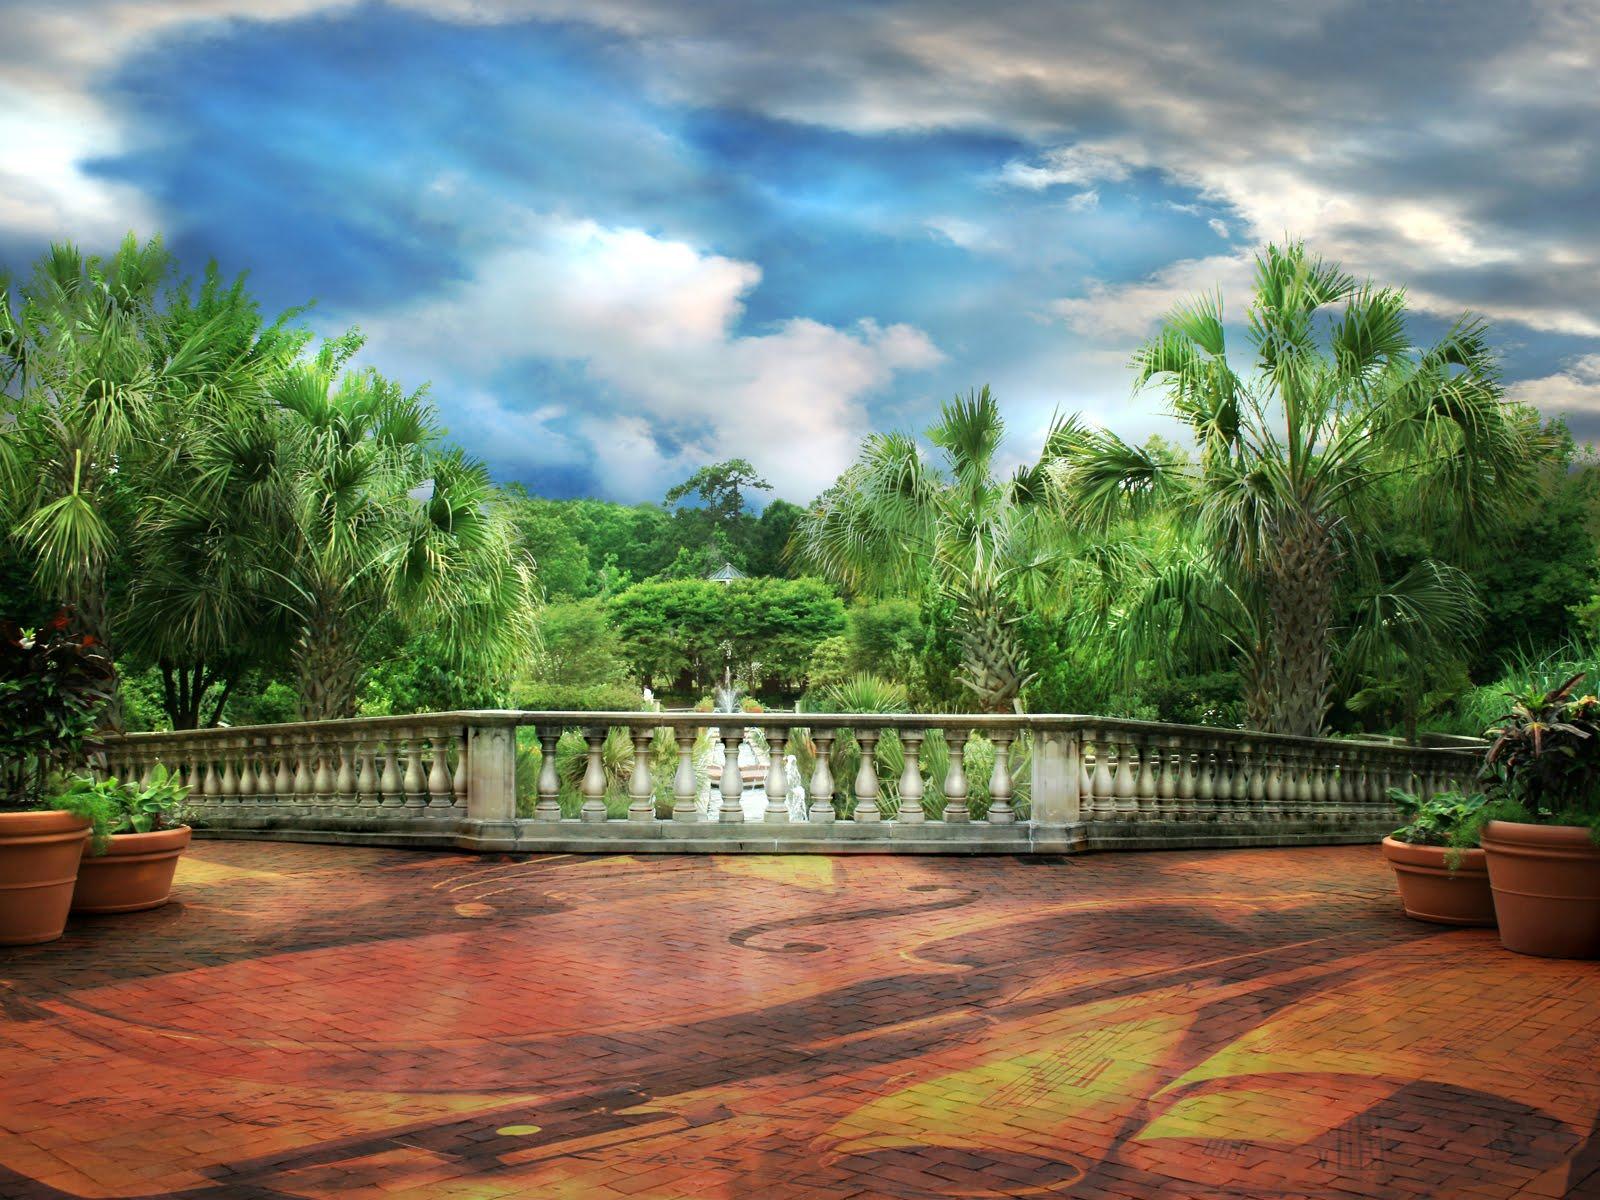 Banco de im genes gratis jardines y residencias lugares - Fotos de jardines ...